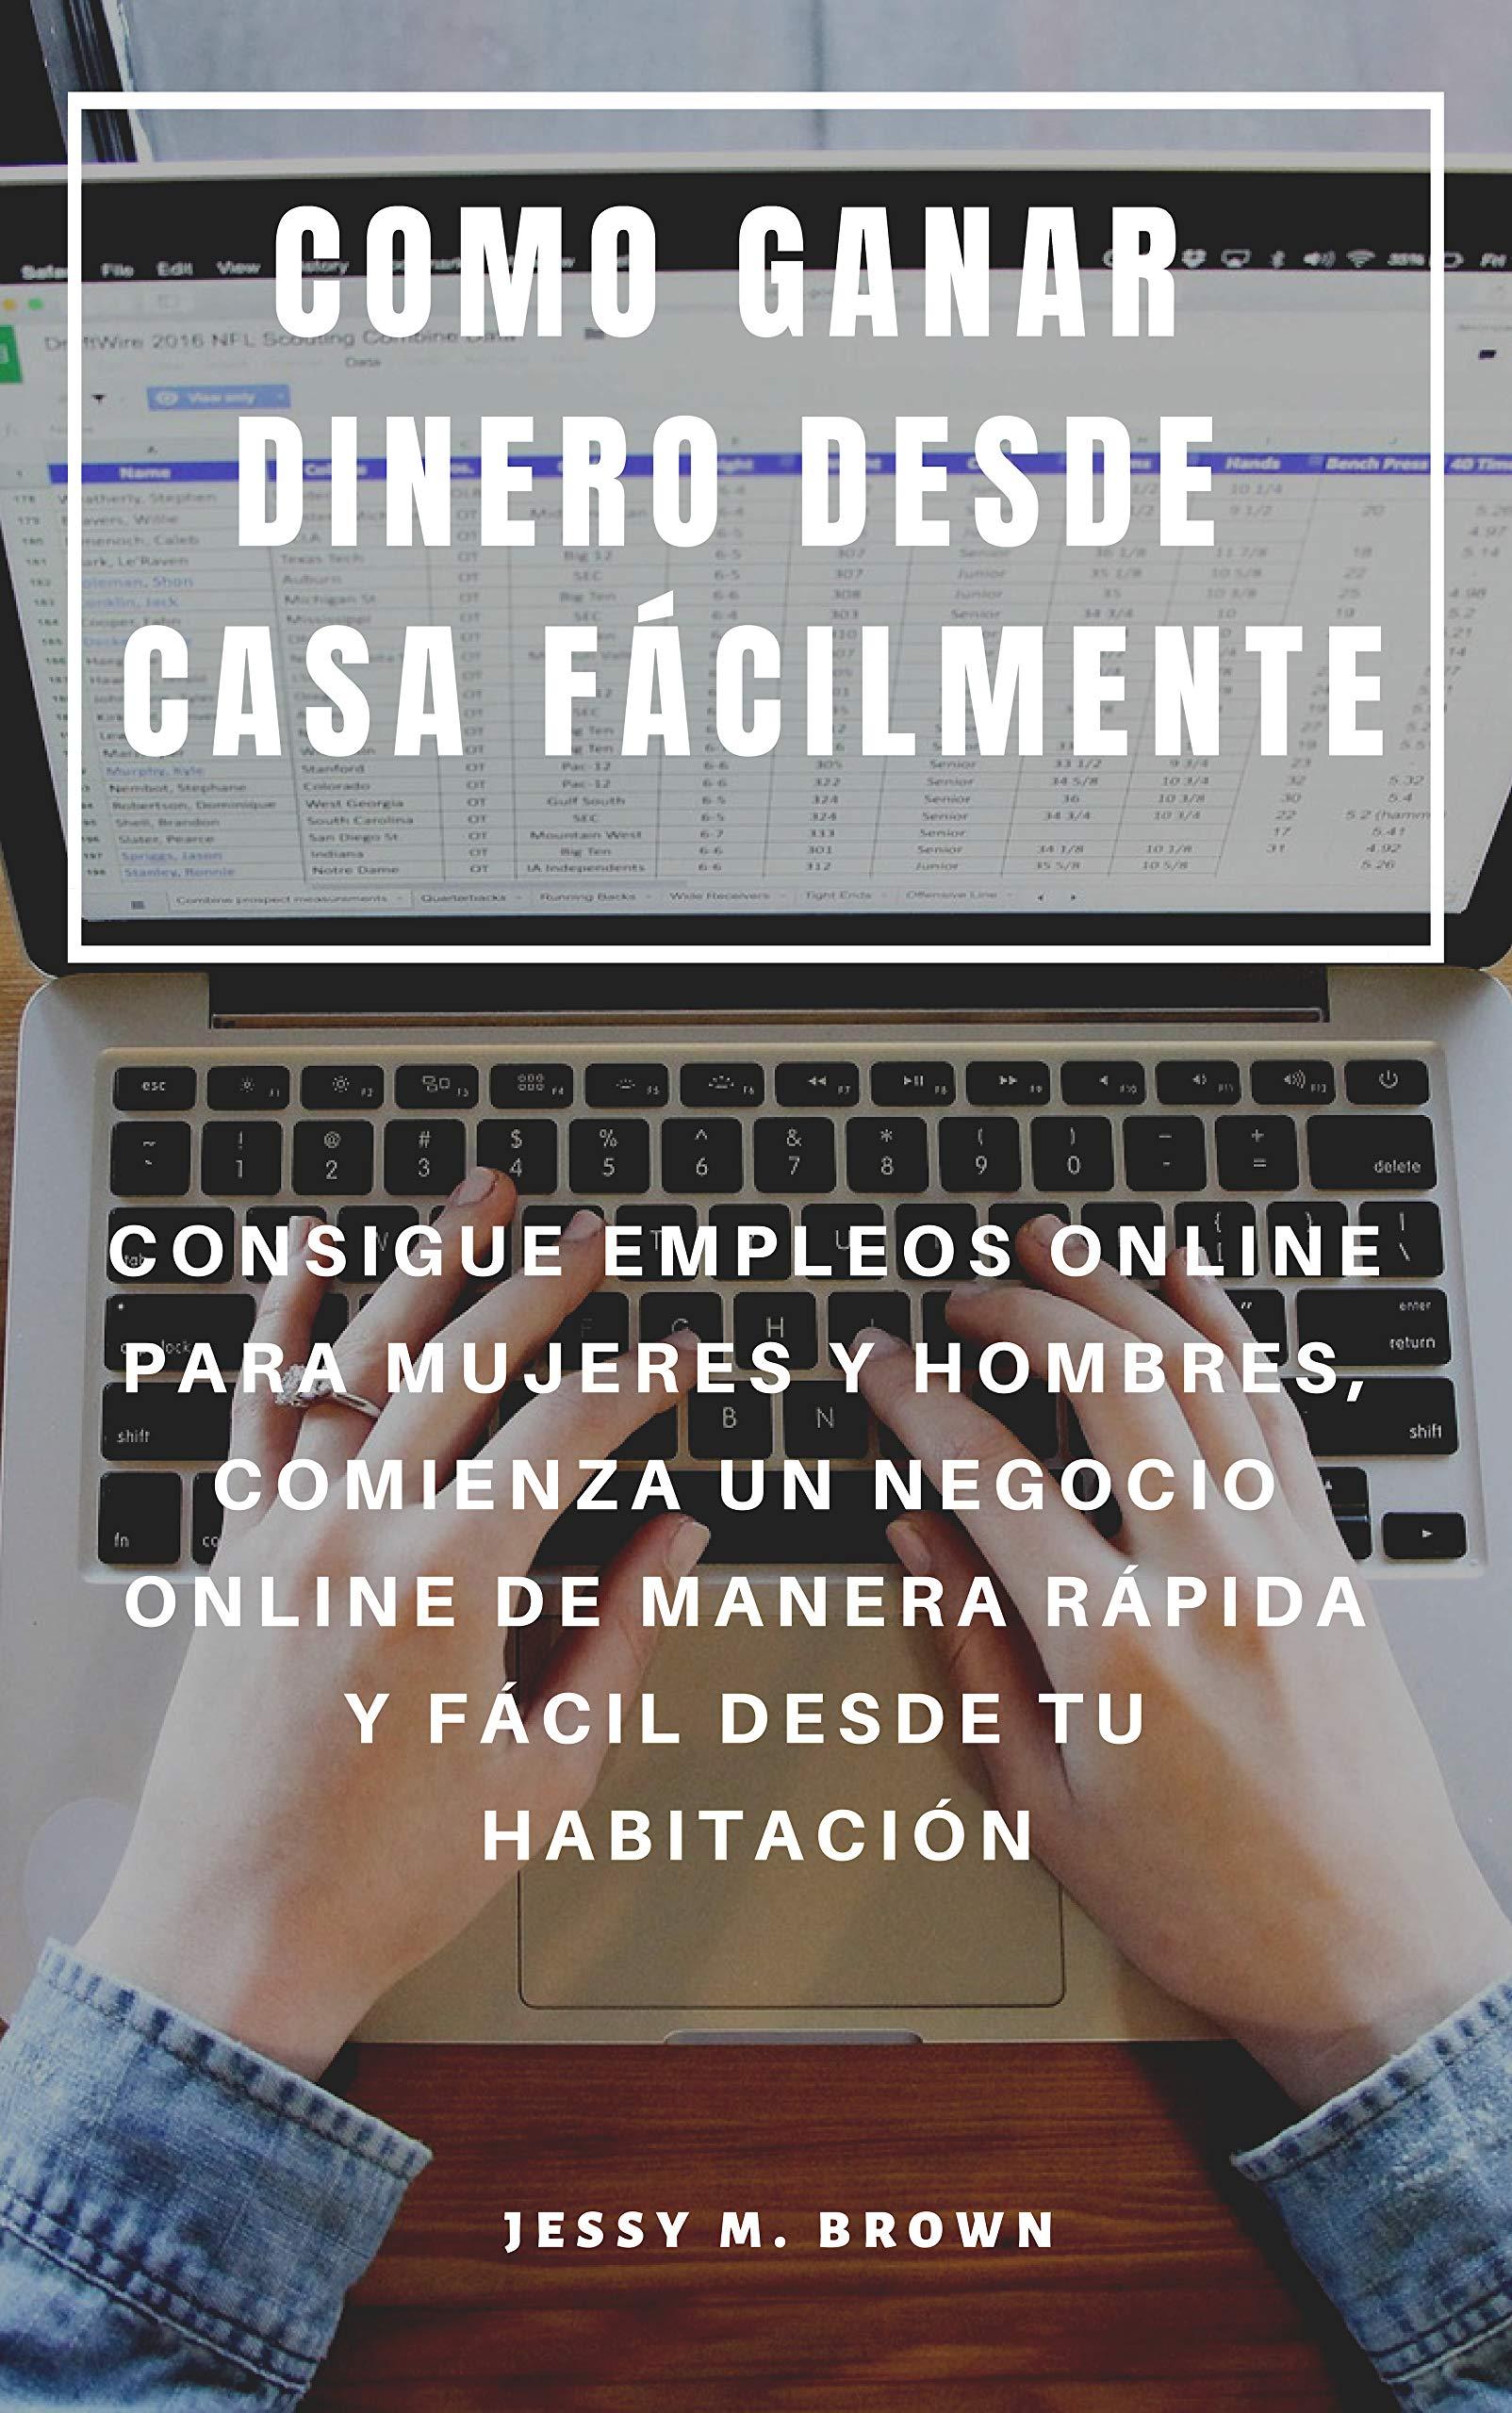 COMO GANAR DINERO DESDE CASA FÁCILMENTE : CONSIGUE EMPLEOS ONLINE PARA MUJERES Y HOMBRES, COMIENZA UN NEGOCIO ONLINE DE MANERA RÁPIDA Y FÁCIL DESDE TU HABITACIÓN (Spanish Edition)